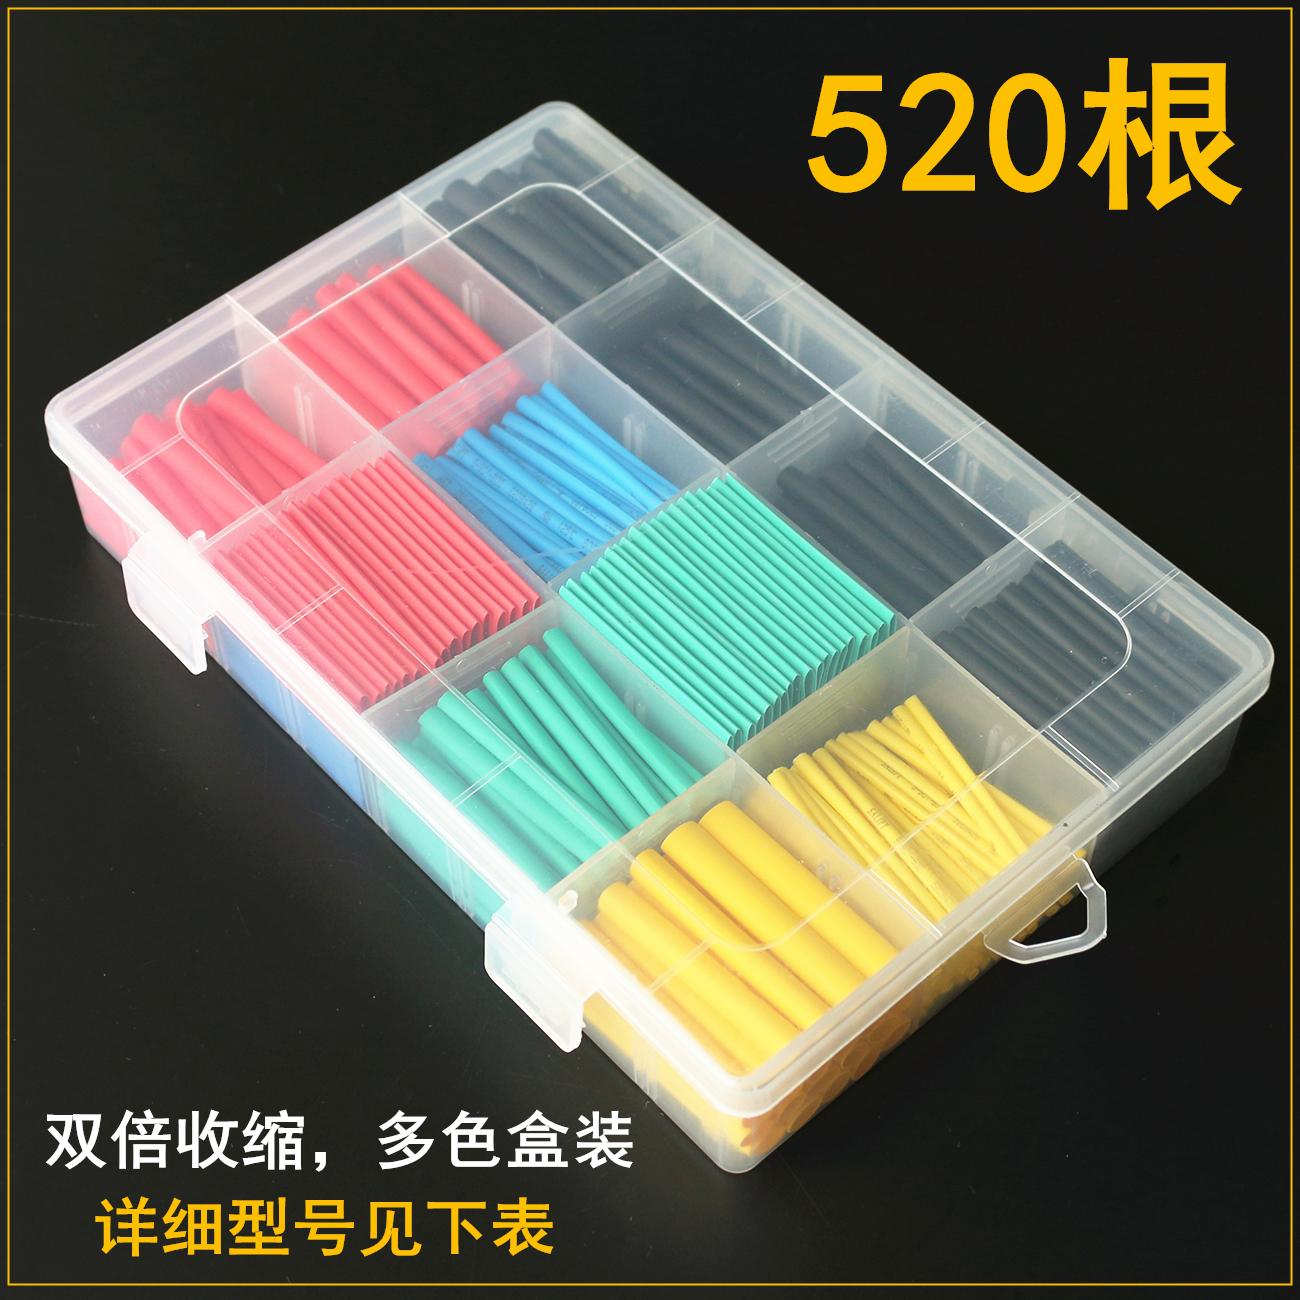 Трубы для защиты кабеля / Фитинги для кабелей Артикул 581679823820